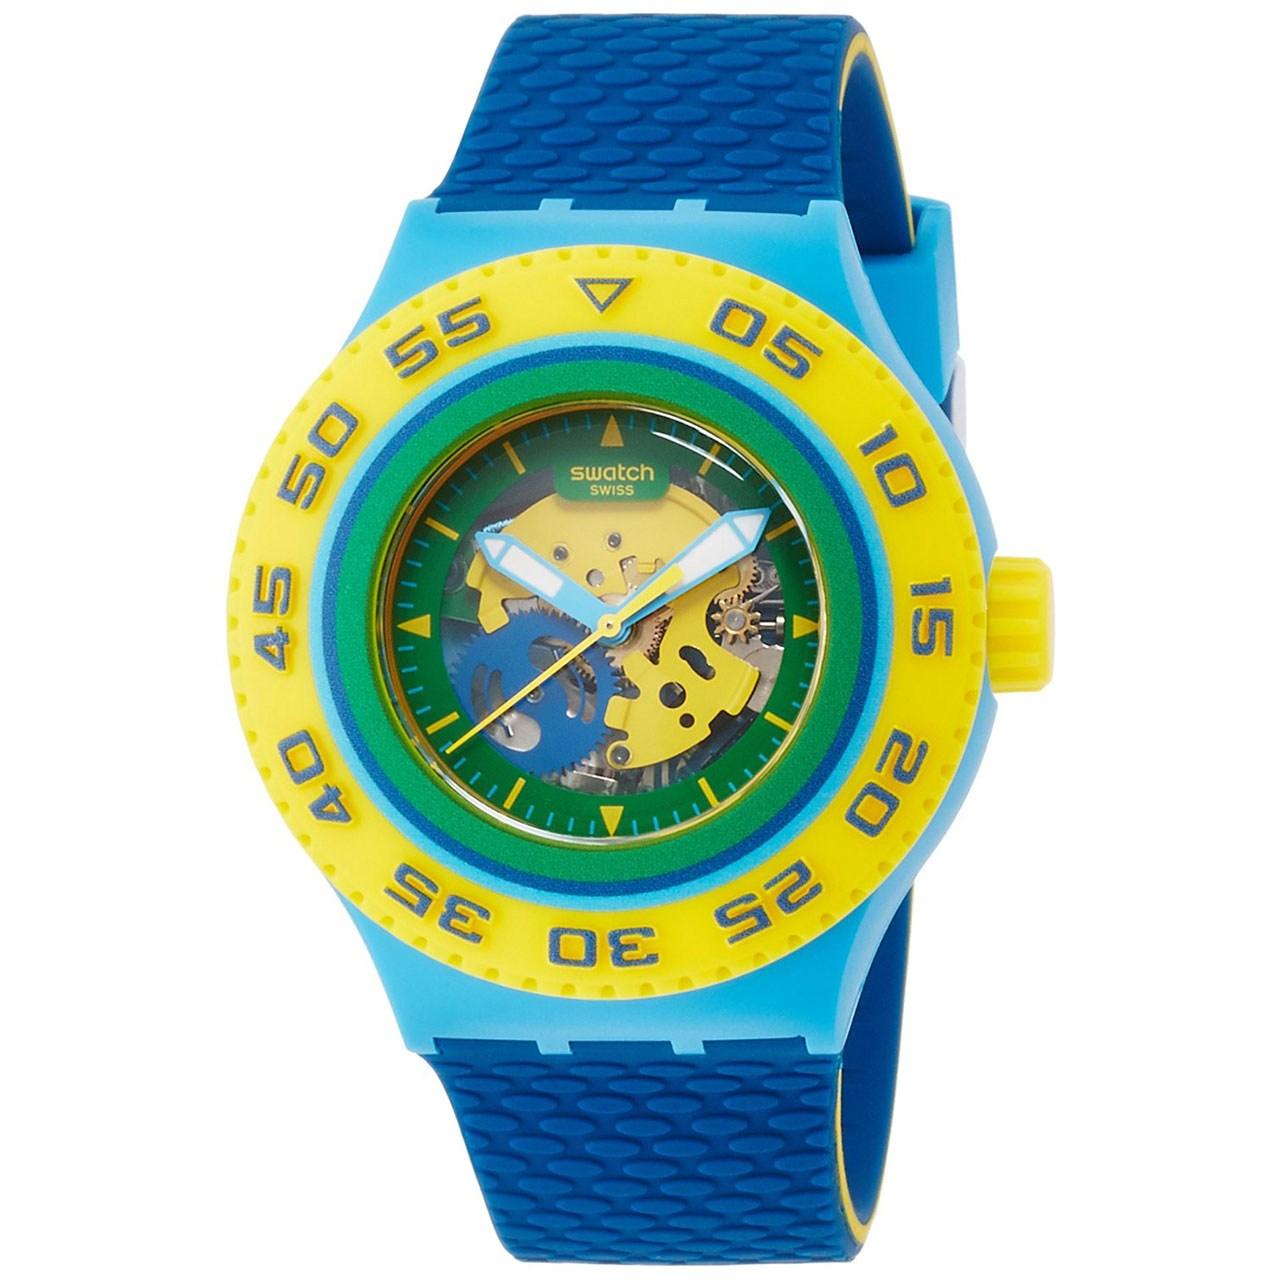 ساعت مچی عقربه ای سواچ مدل SUUS102